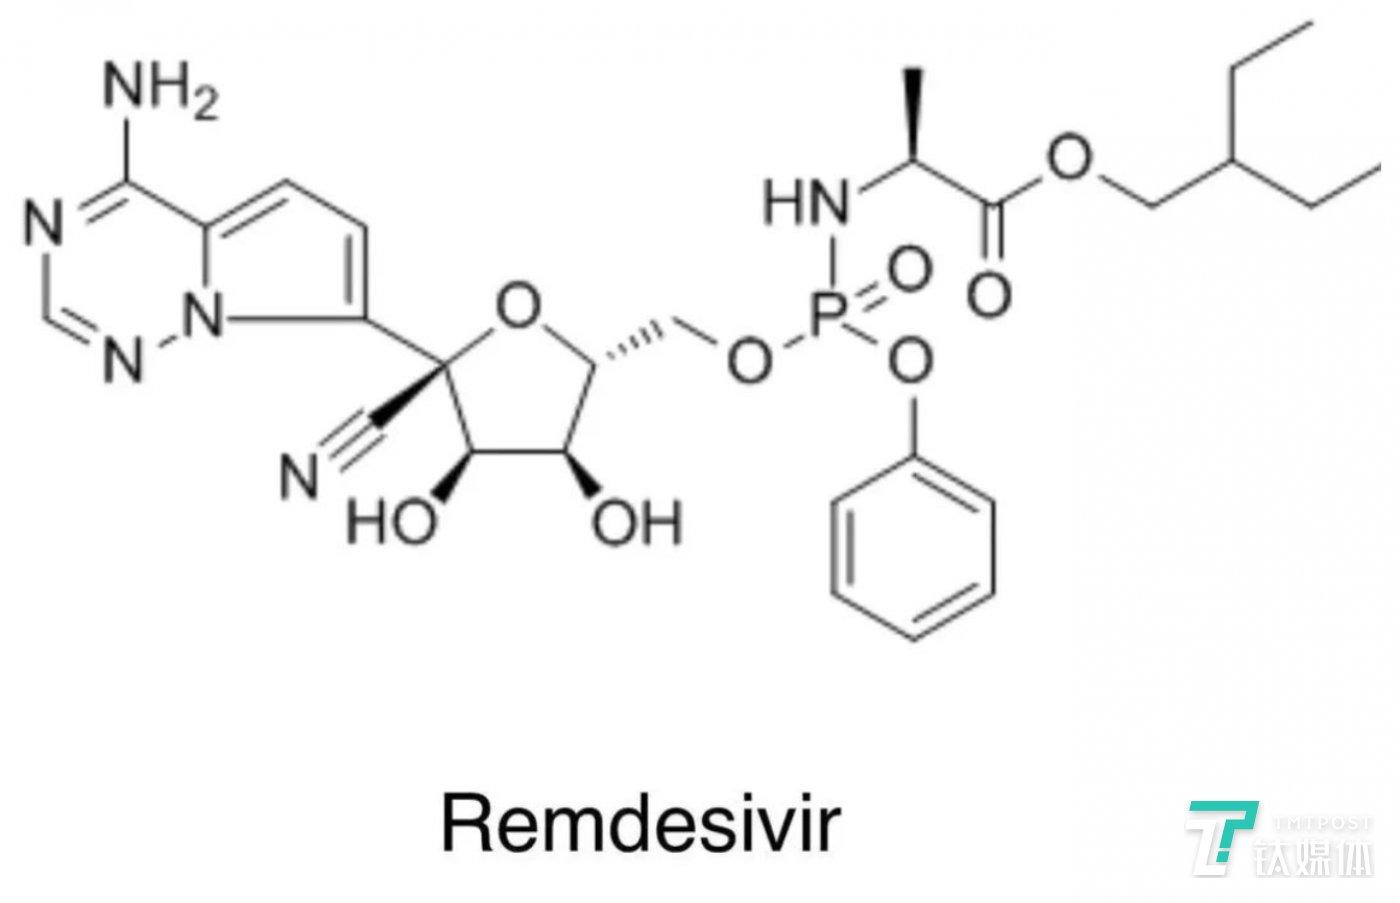 瑞德西韦化学结构图